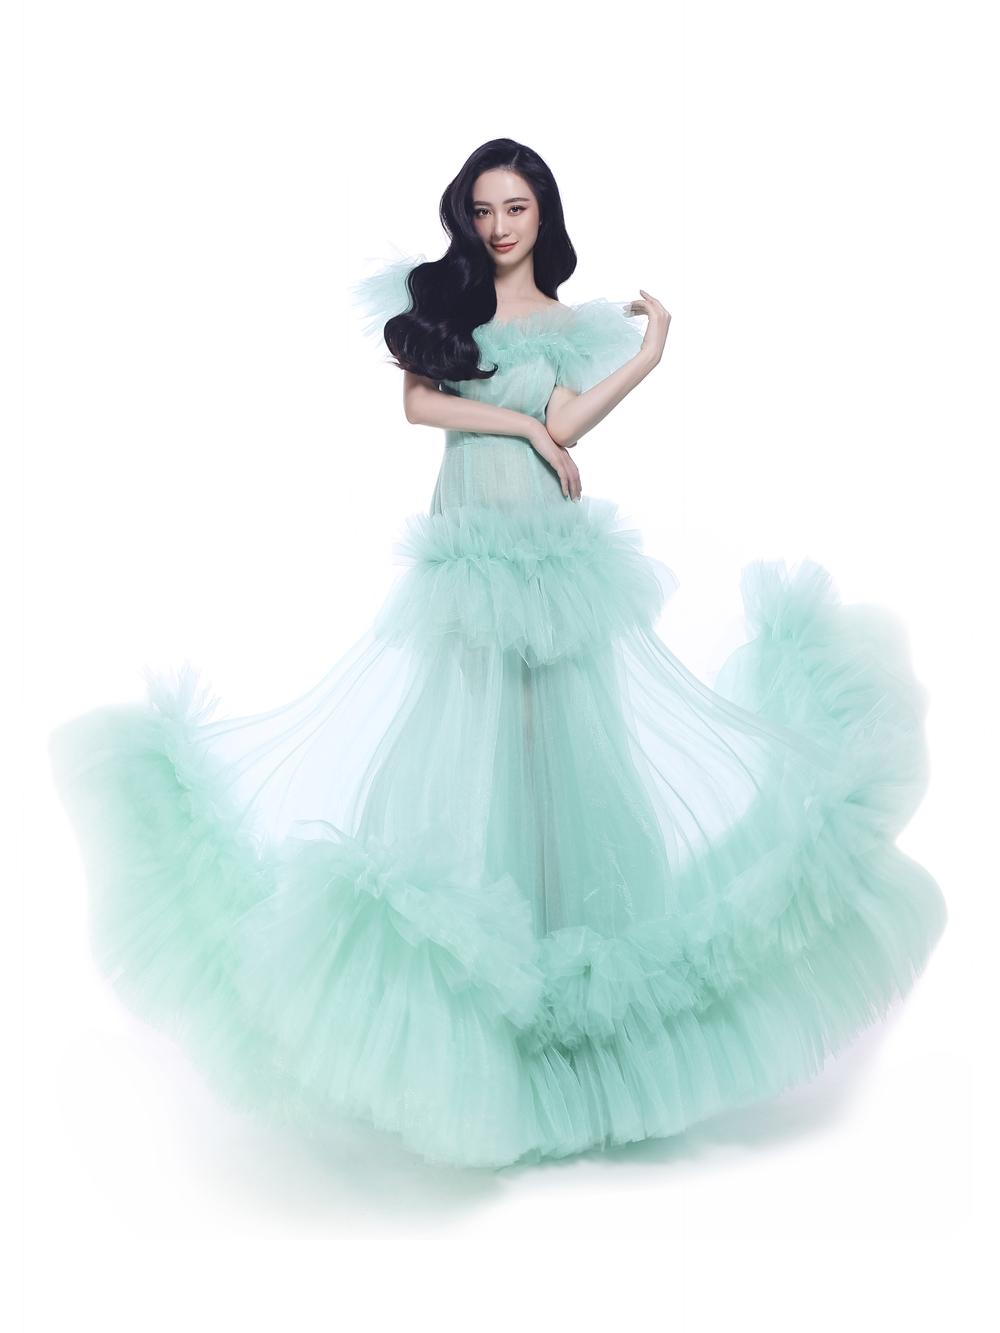 Jun Vũ sẽ hóa thân thành nàng tiên cá Ariel với bộ trang phục màu xanh ngọc ngọt ngào.